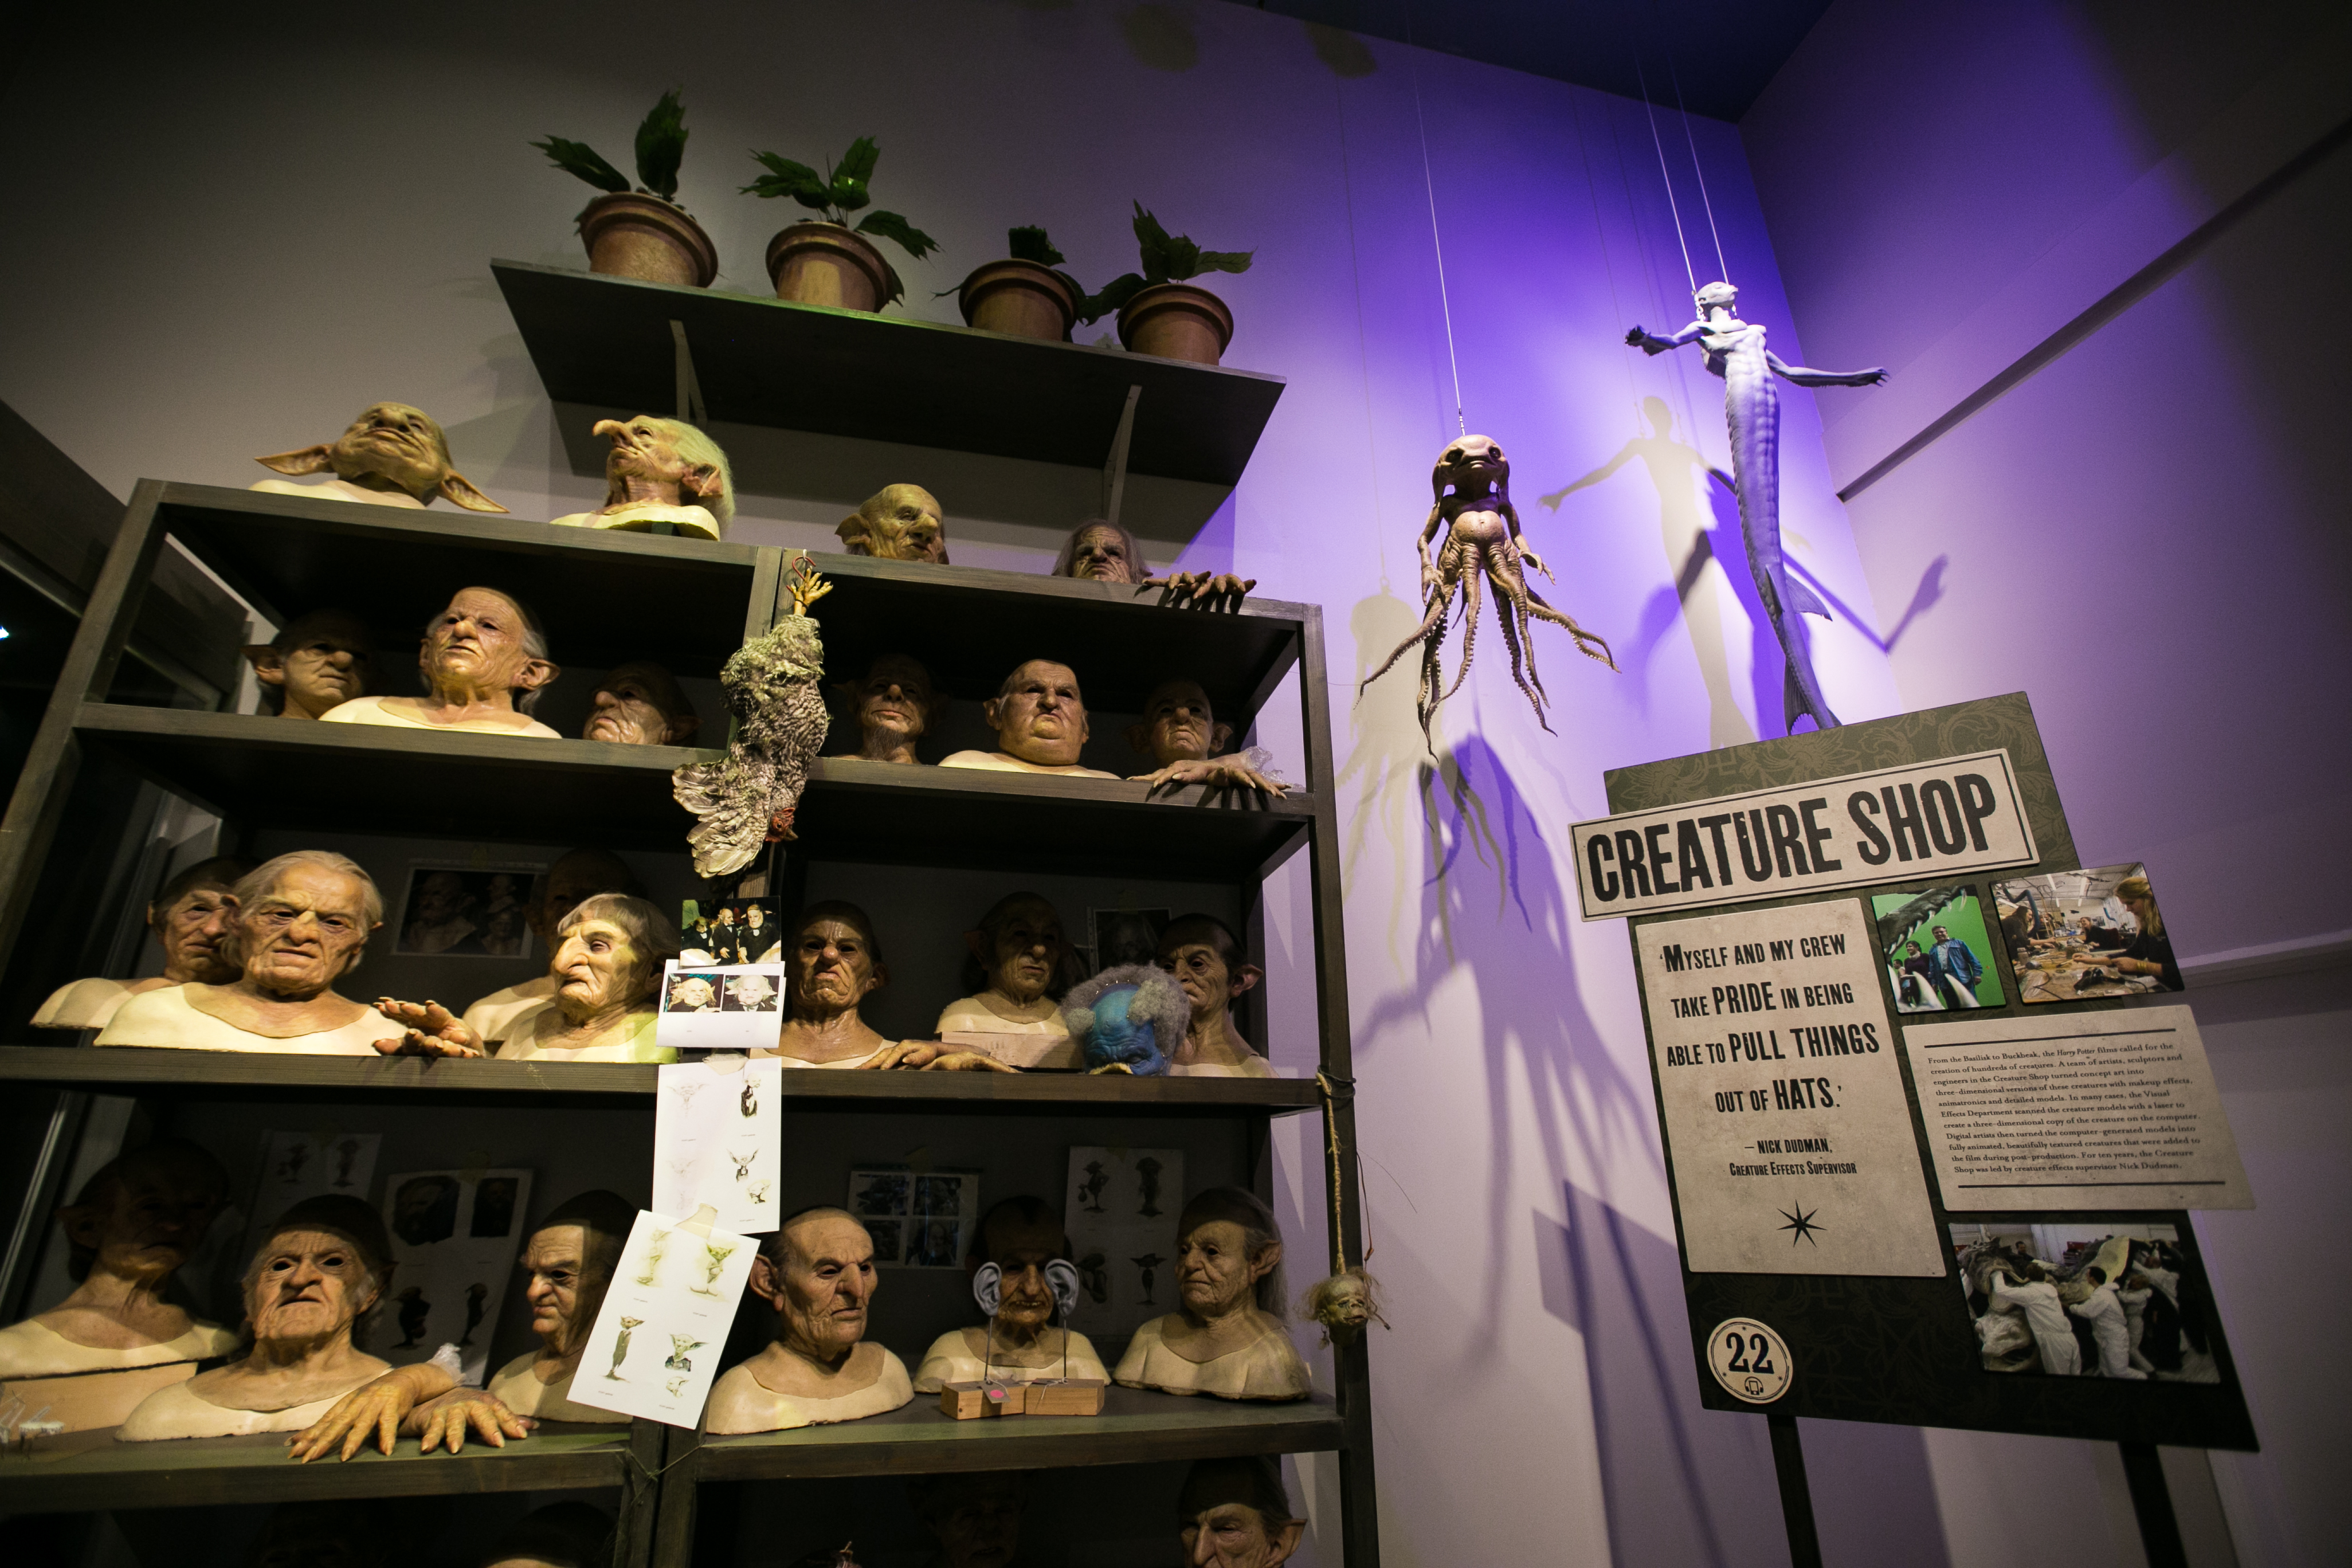 harry-potter-studio-tour-creature-shop